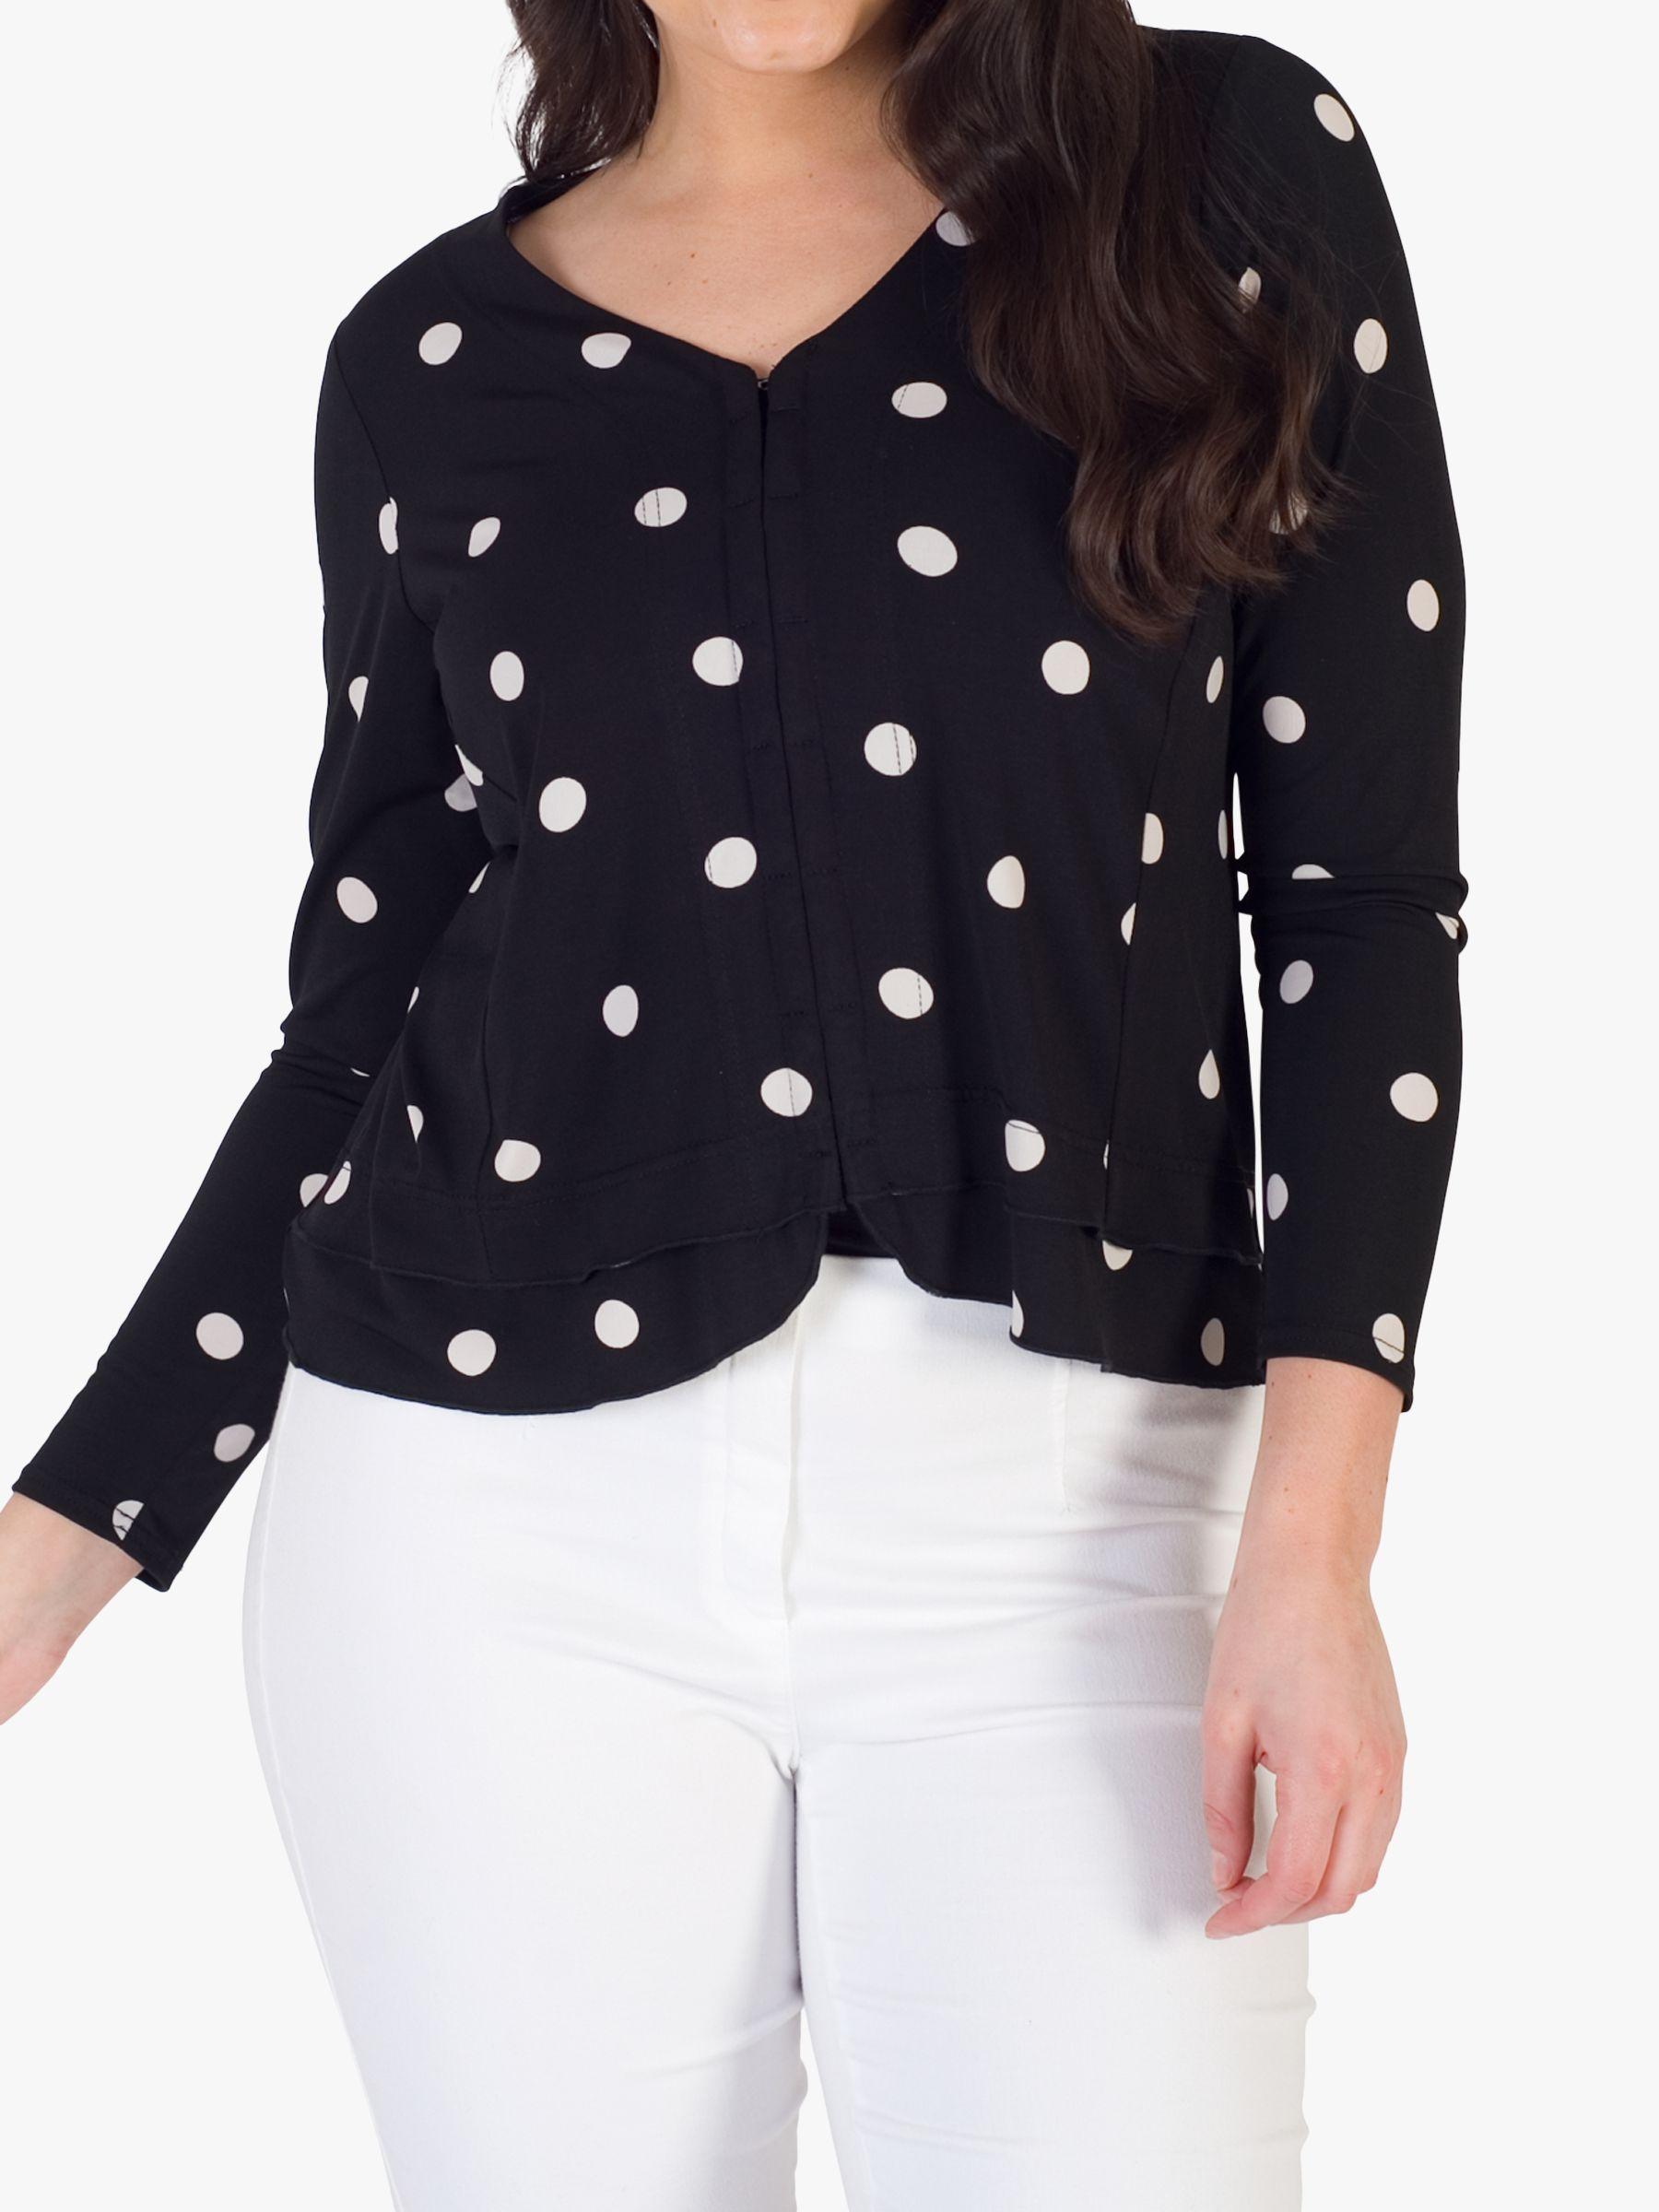 Chesca chesca Jersey V-Neck Frill Hem Spot Jersey Jacket, Black/Ivory